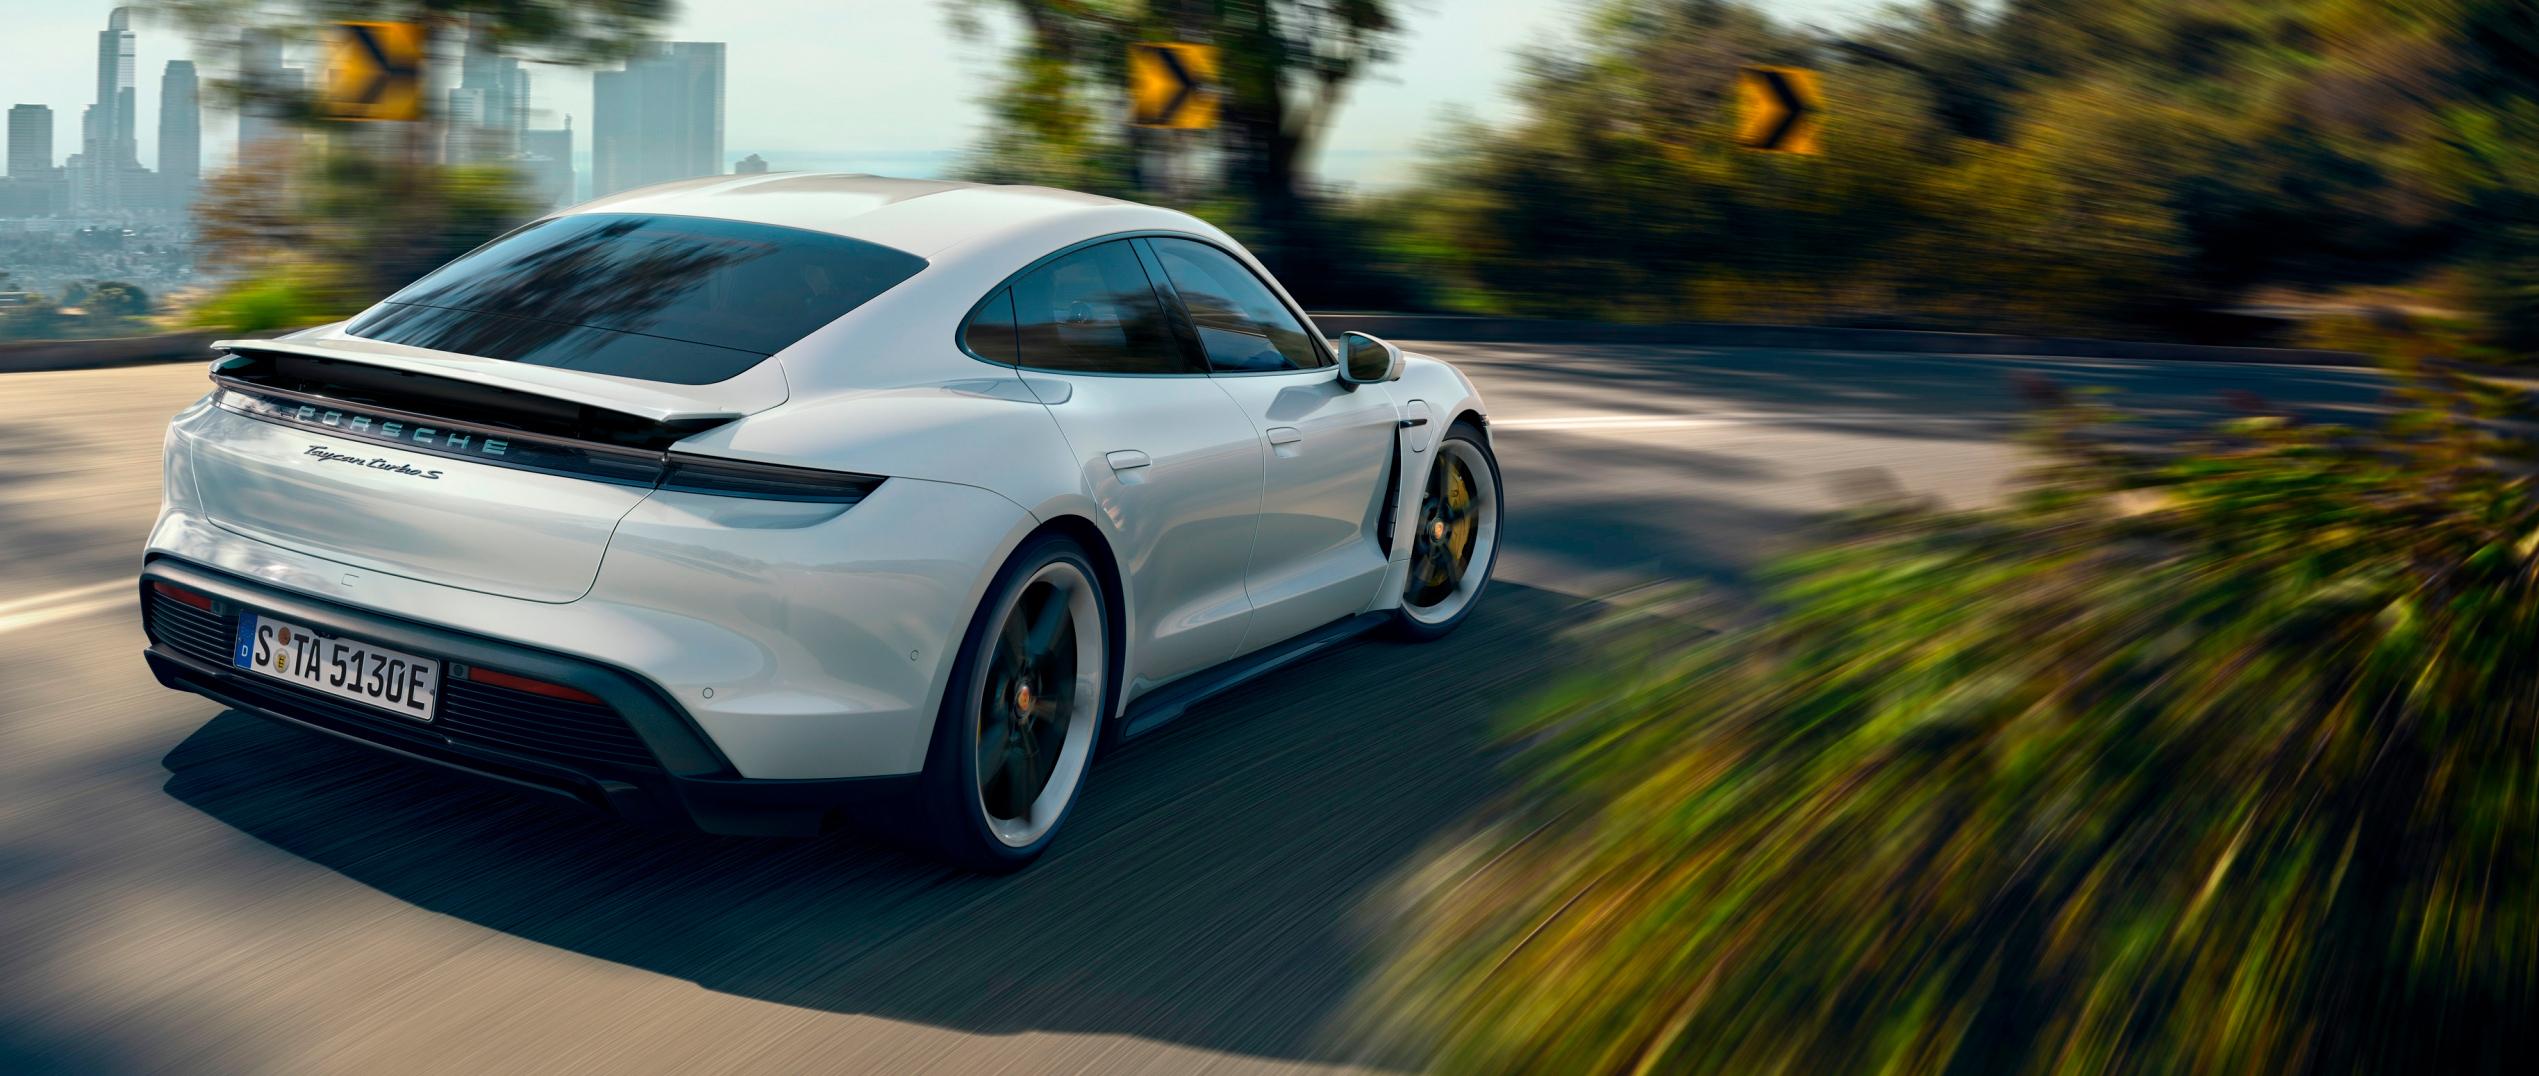 Mas premios para el Porsche Taycan